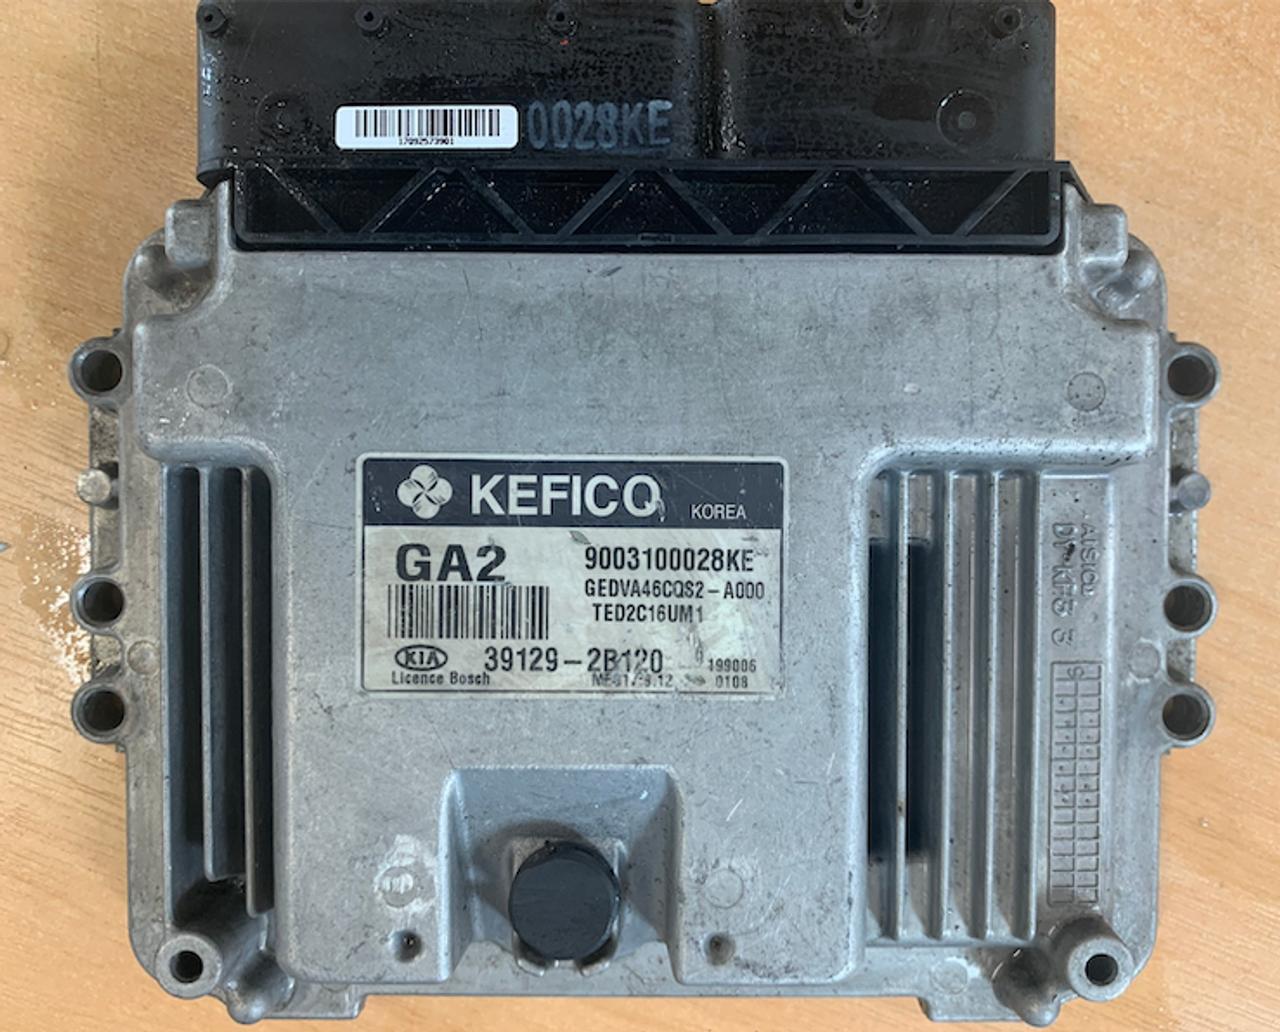 Kia/Hyundai, MEG 17.9.12, 9003100028KE, 39129-2B120, GA2